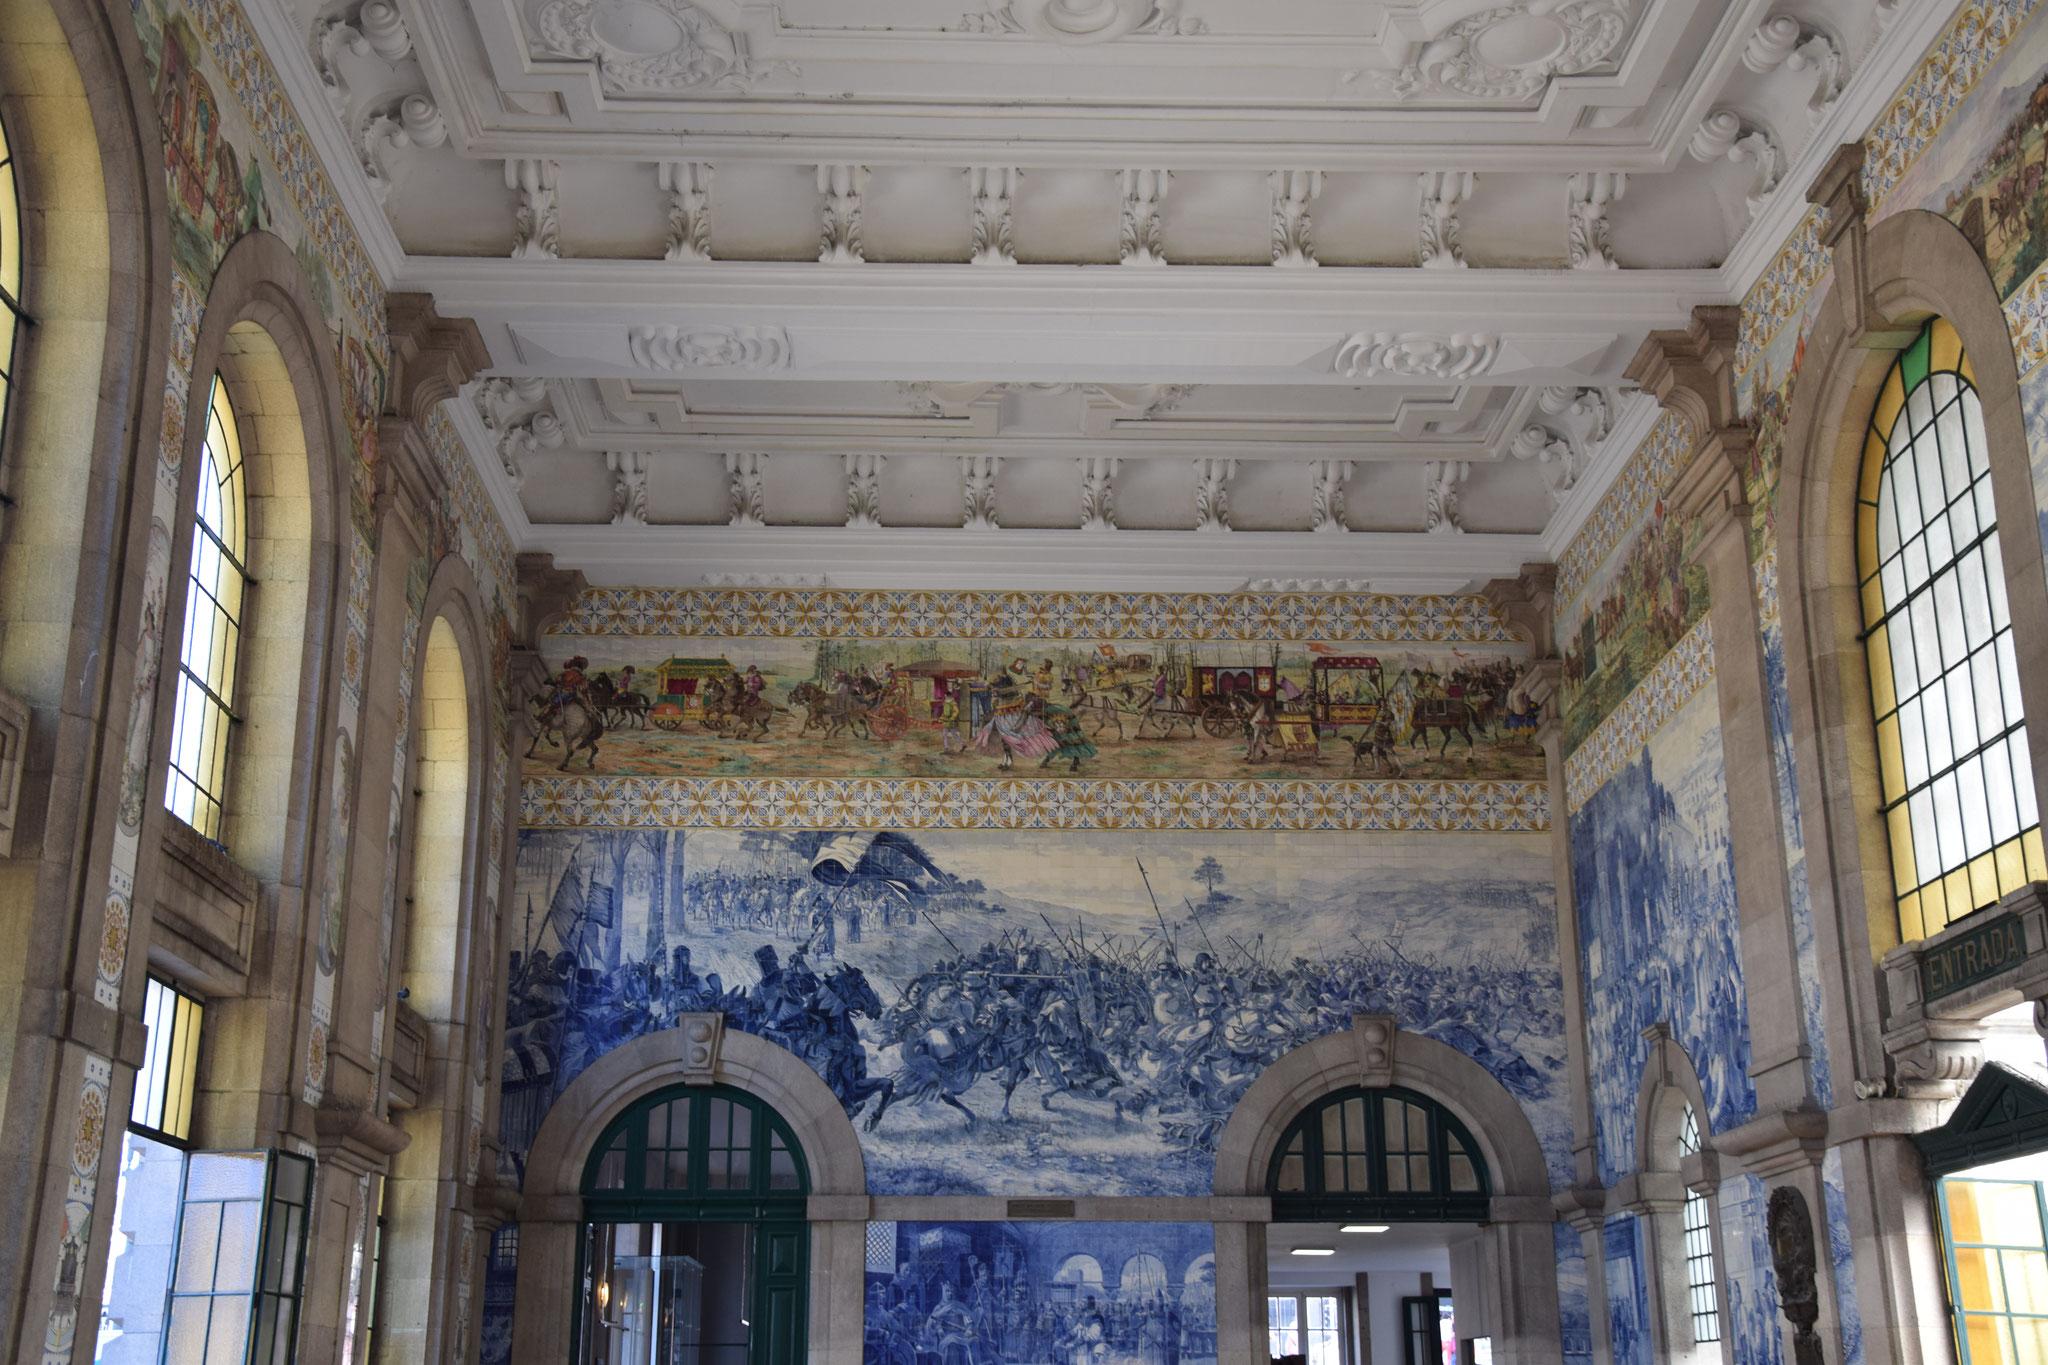 Der schöne Bahnhof 'Sao Bento' mit historischem Fliesenbild